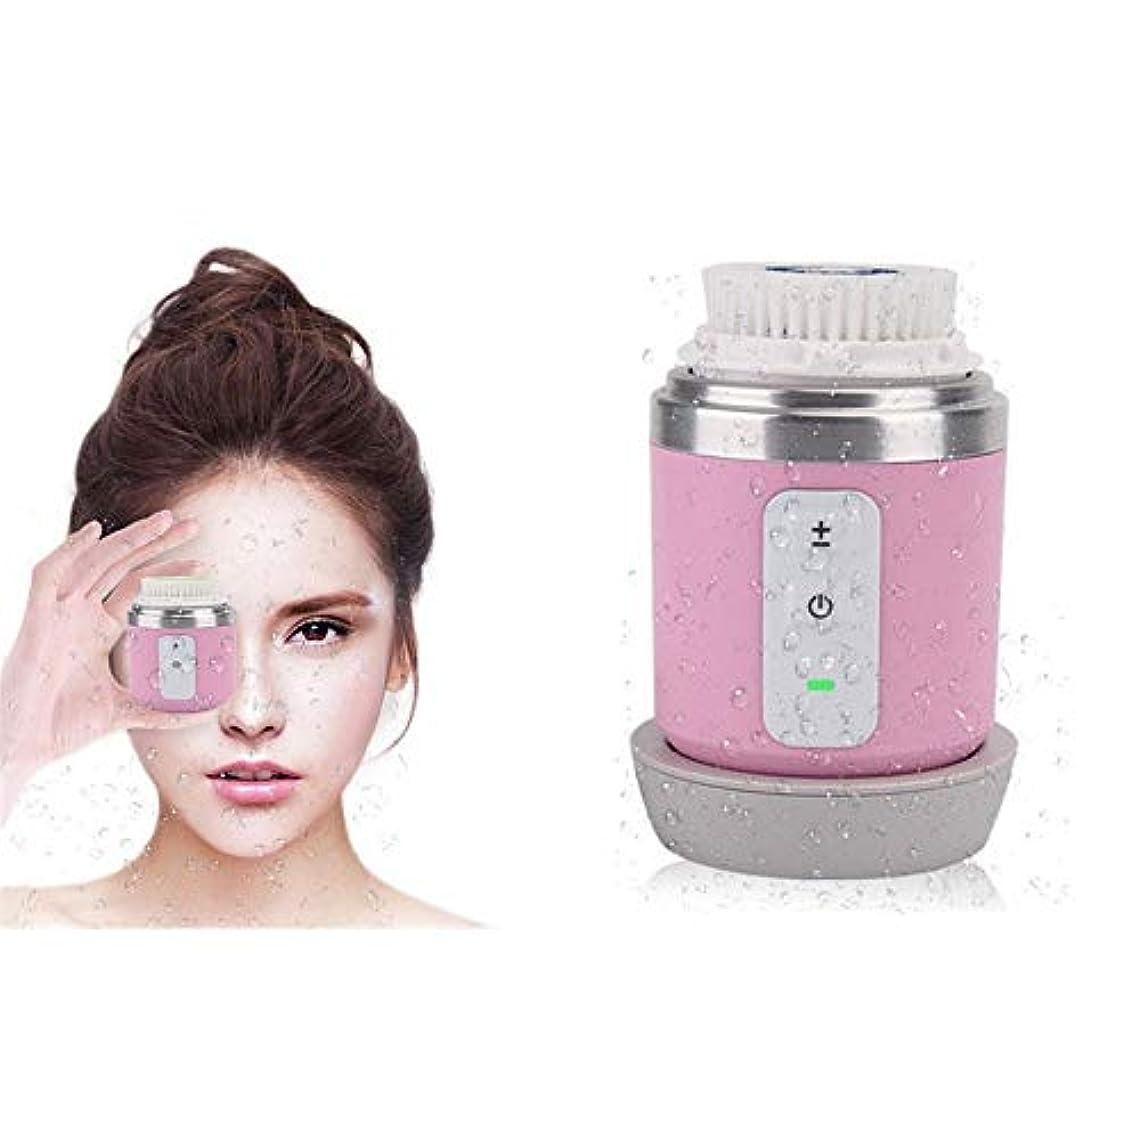 薬ベンチステージフェイシャル?クレンザーブラシ、電動洗顔ブラシ、エクスフォリエイティングとブラックヘッドのためにブラックヘッドシリコーン美容インストゥルメントアプライアンスに防水クレンジング器振動クリーナー毛穴